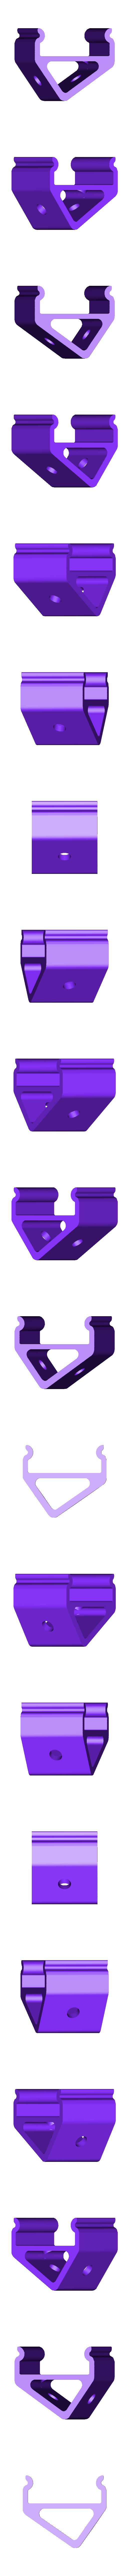 soporte led.STL Download free STL file Led bar support • 3D printing design, alex_rivosa